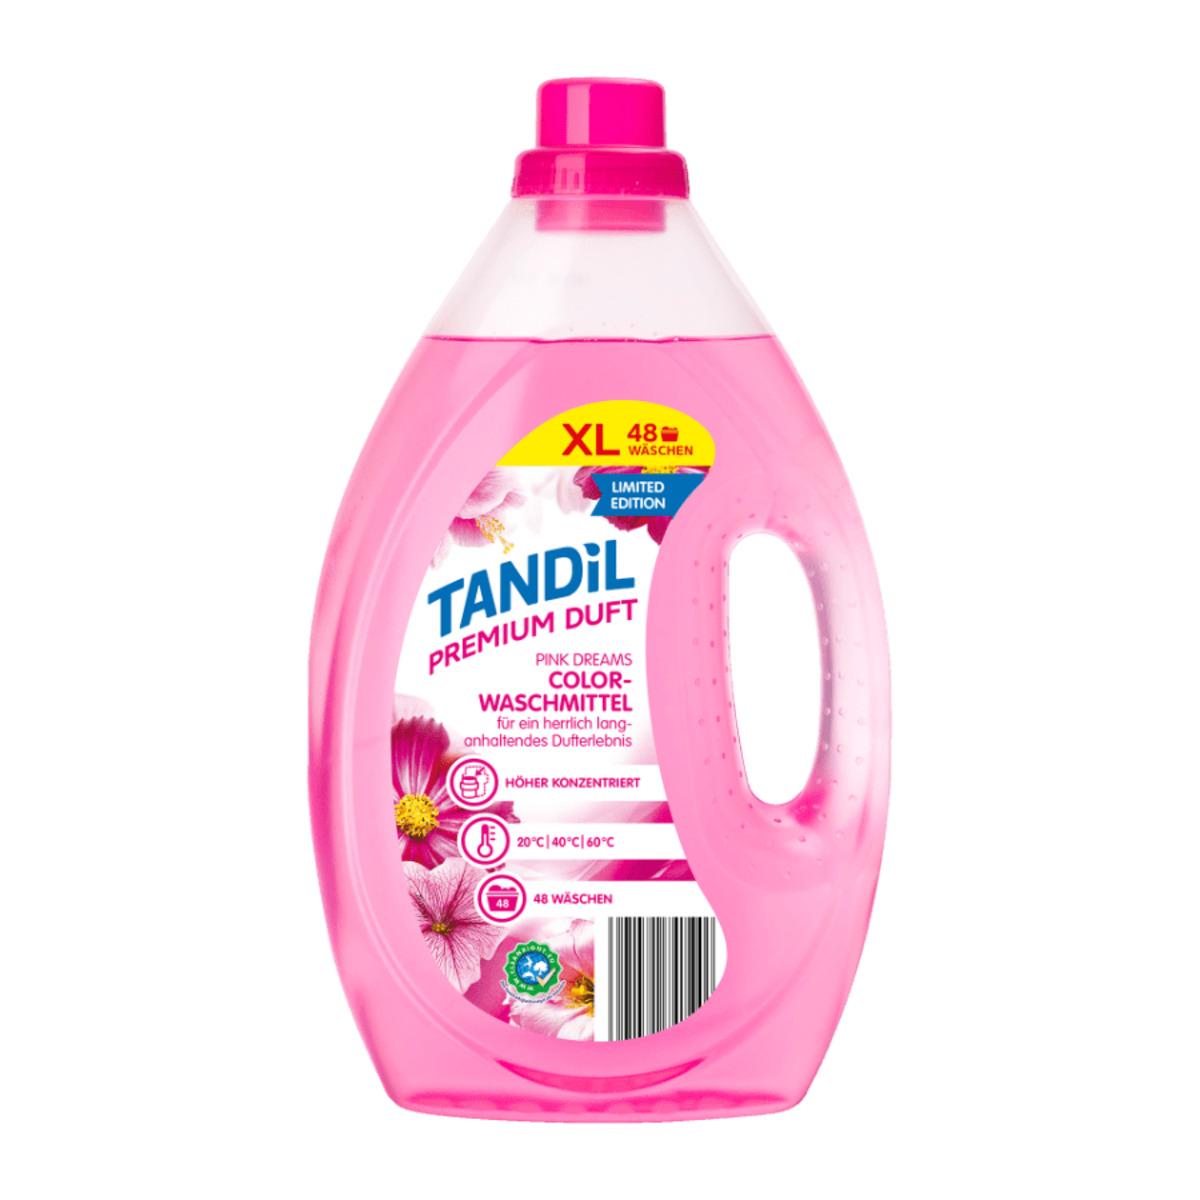 Bild 3 von TANDIL     Flüssigwaschmittel XL